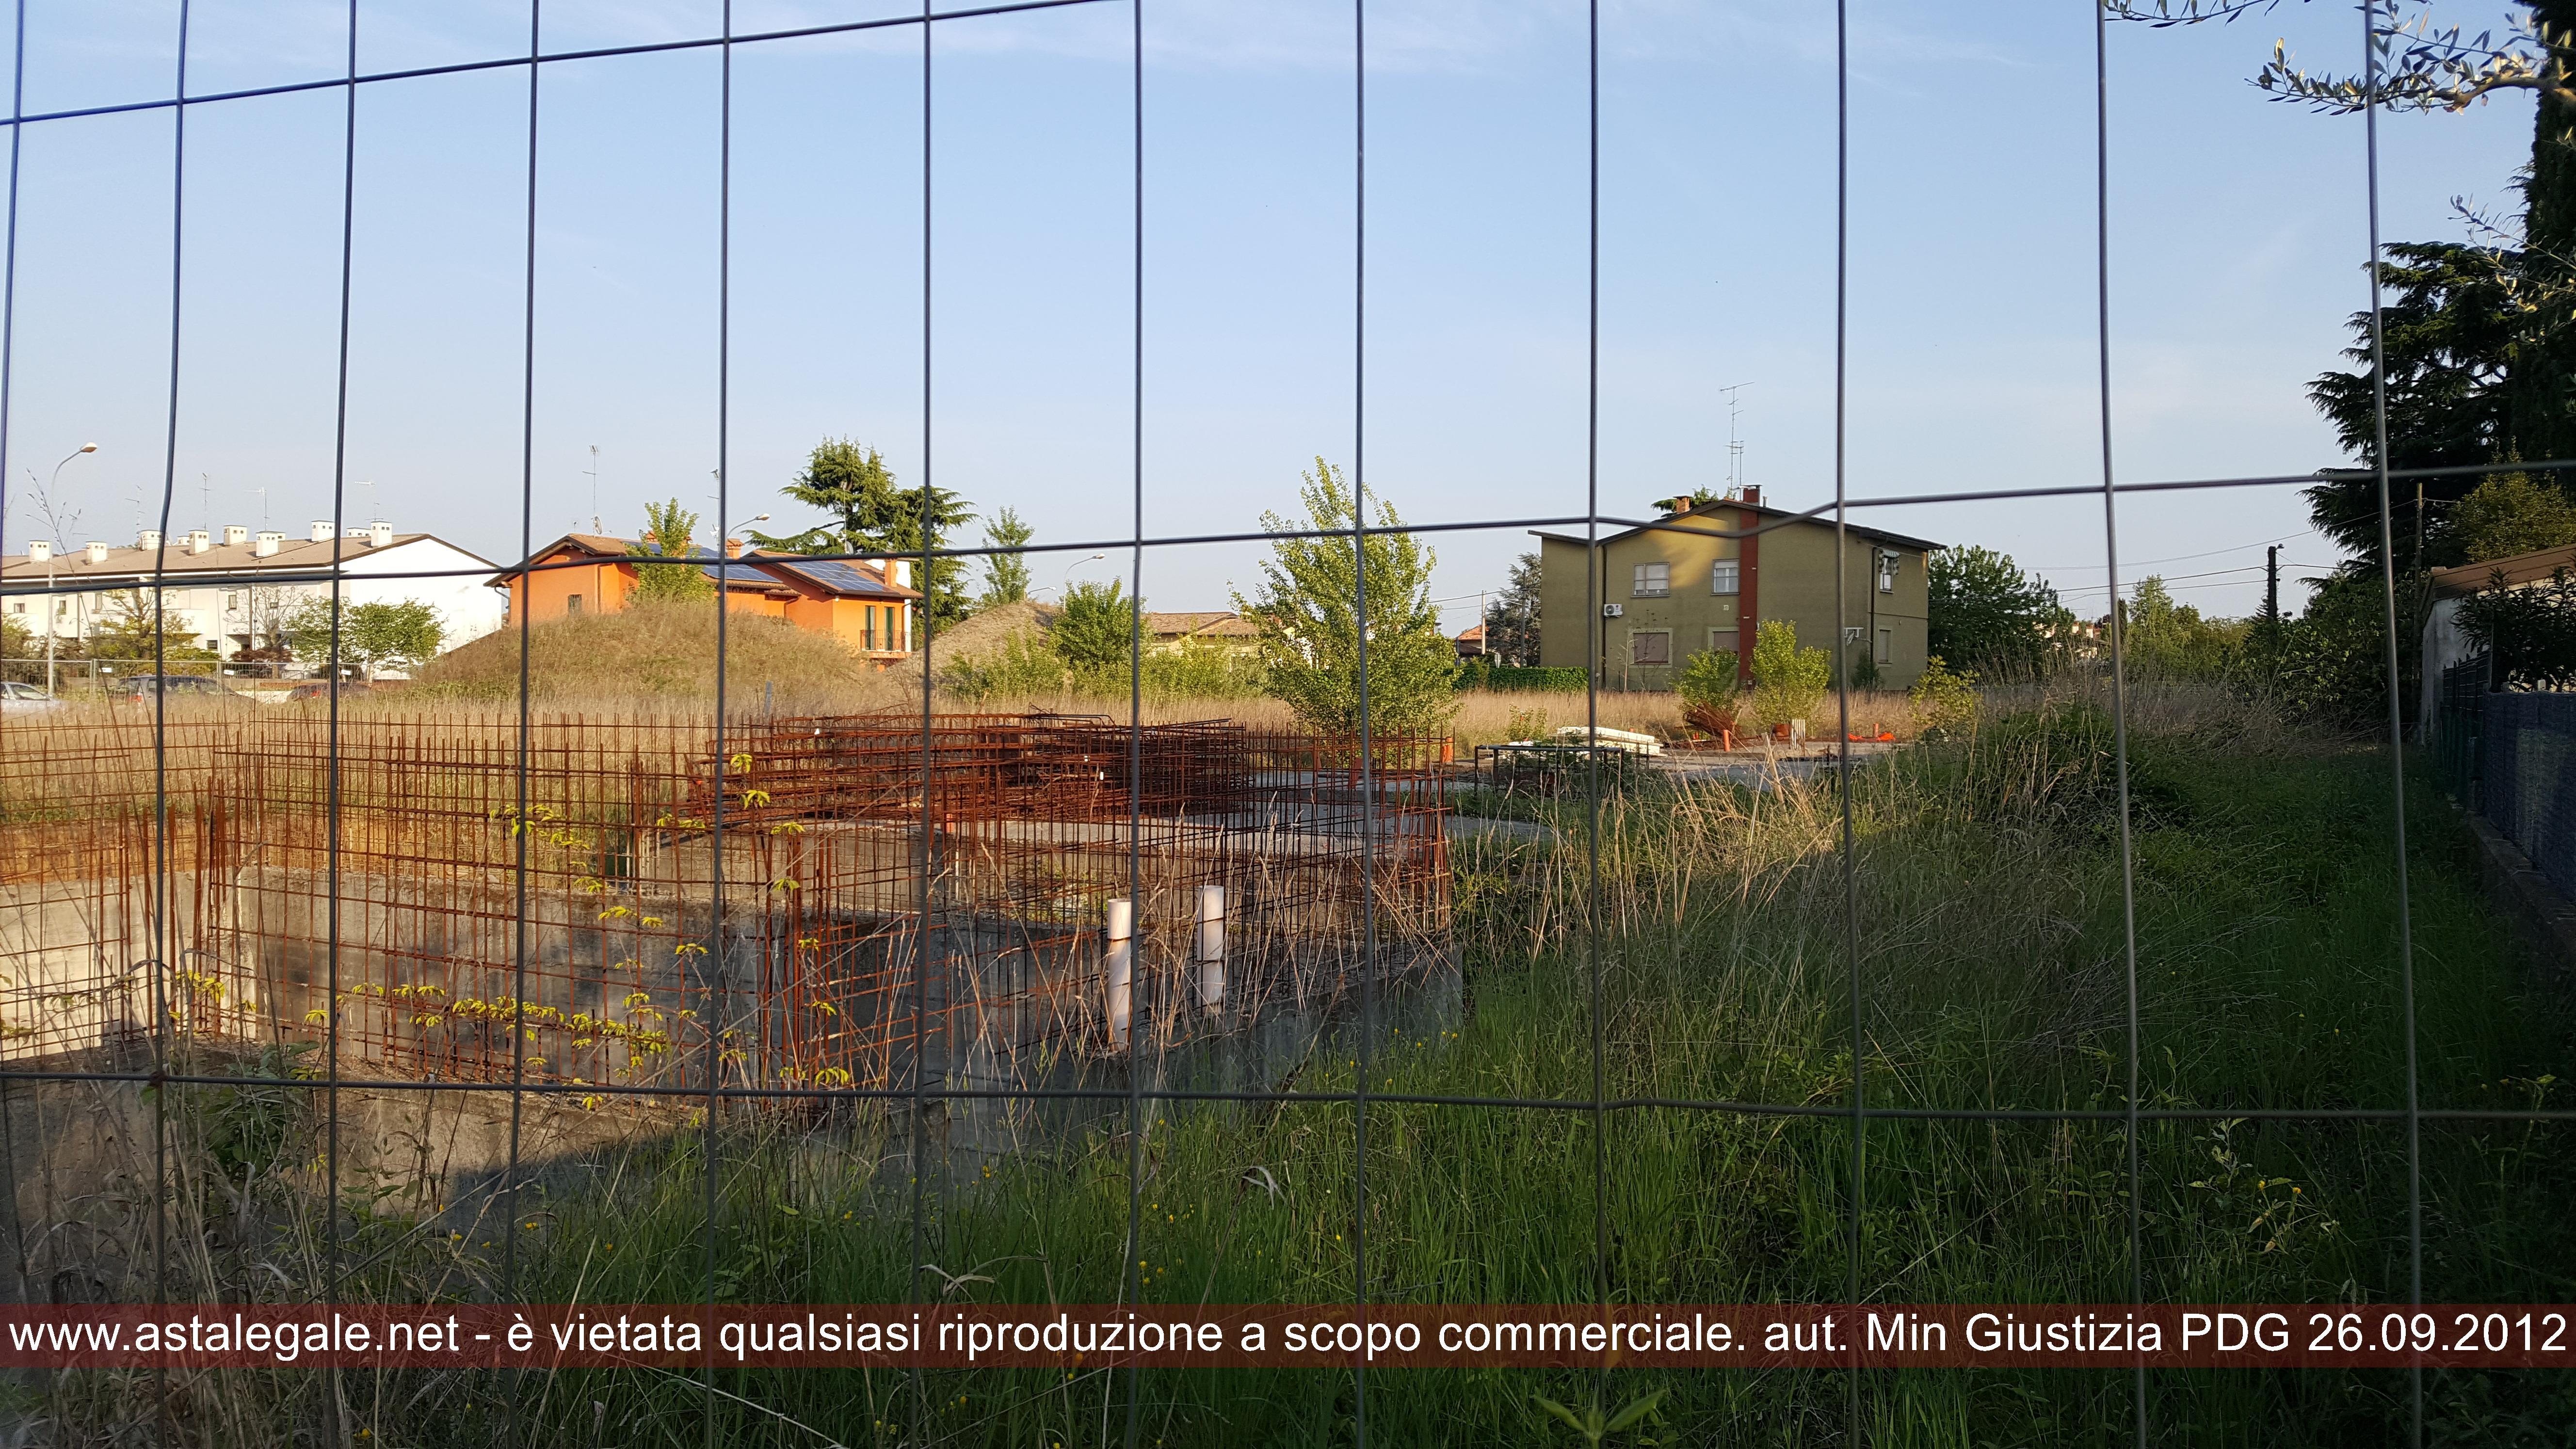 Mariano Del Friuli (GO) Via Cristoro Colombo s.n.c./ Via Giuseppe Ungaretti s.n.c.